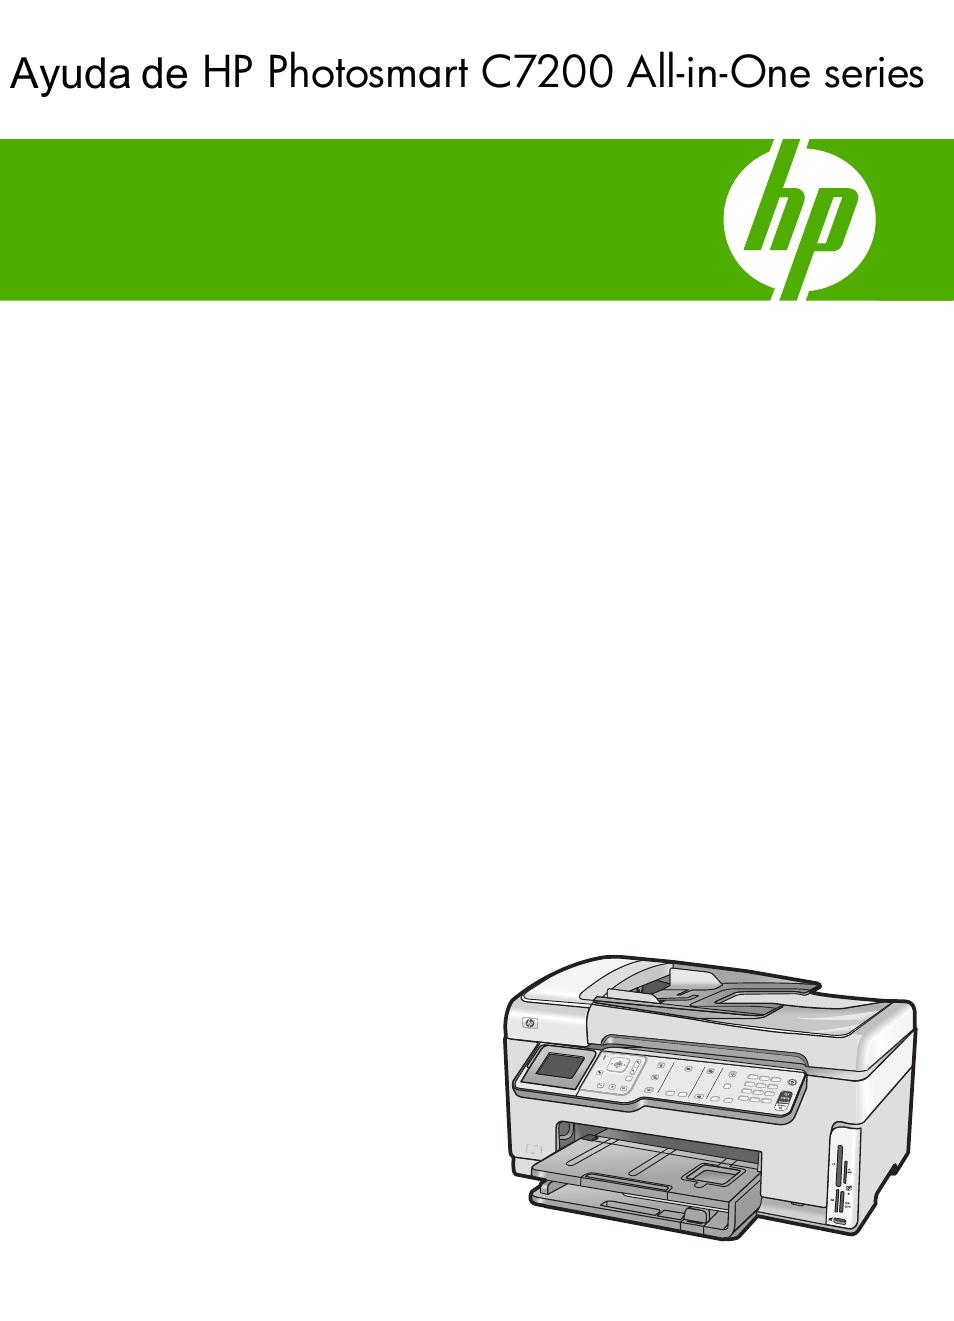 HP Photosmart C7280 Manual del usuario   Páginas: 332   También para:  Photosmart C7200 Series